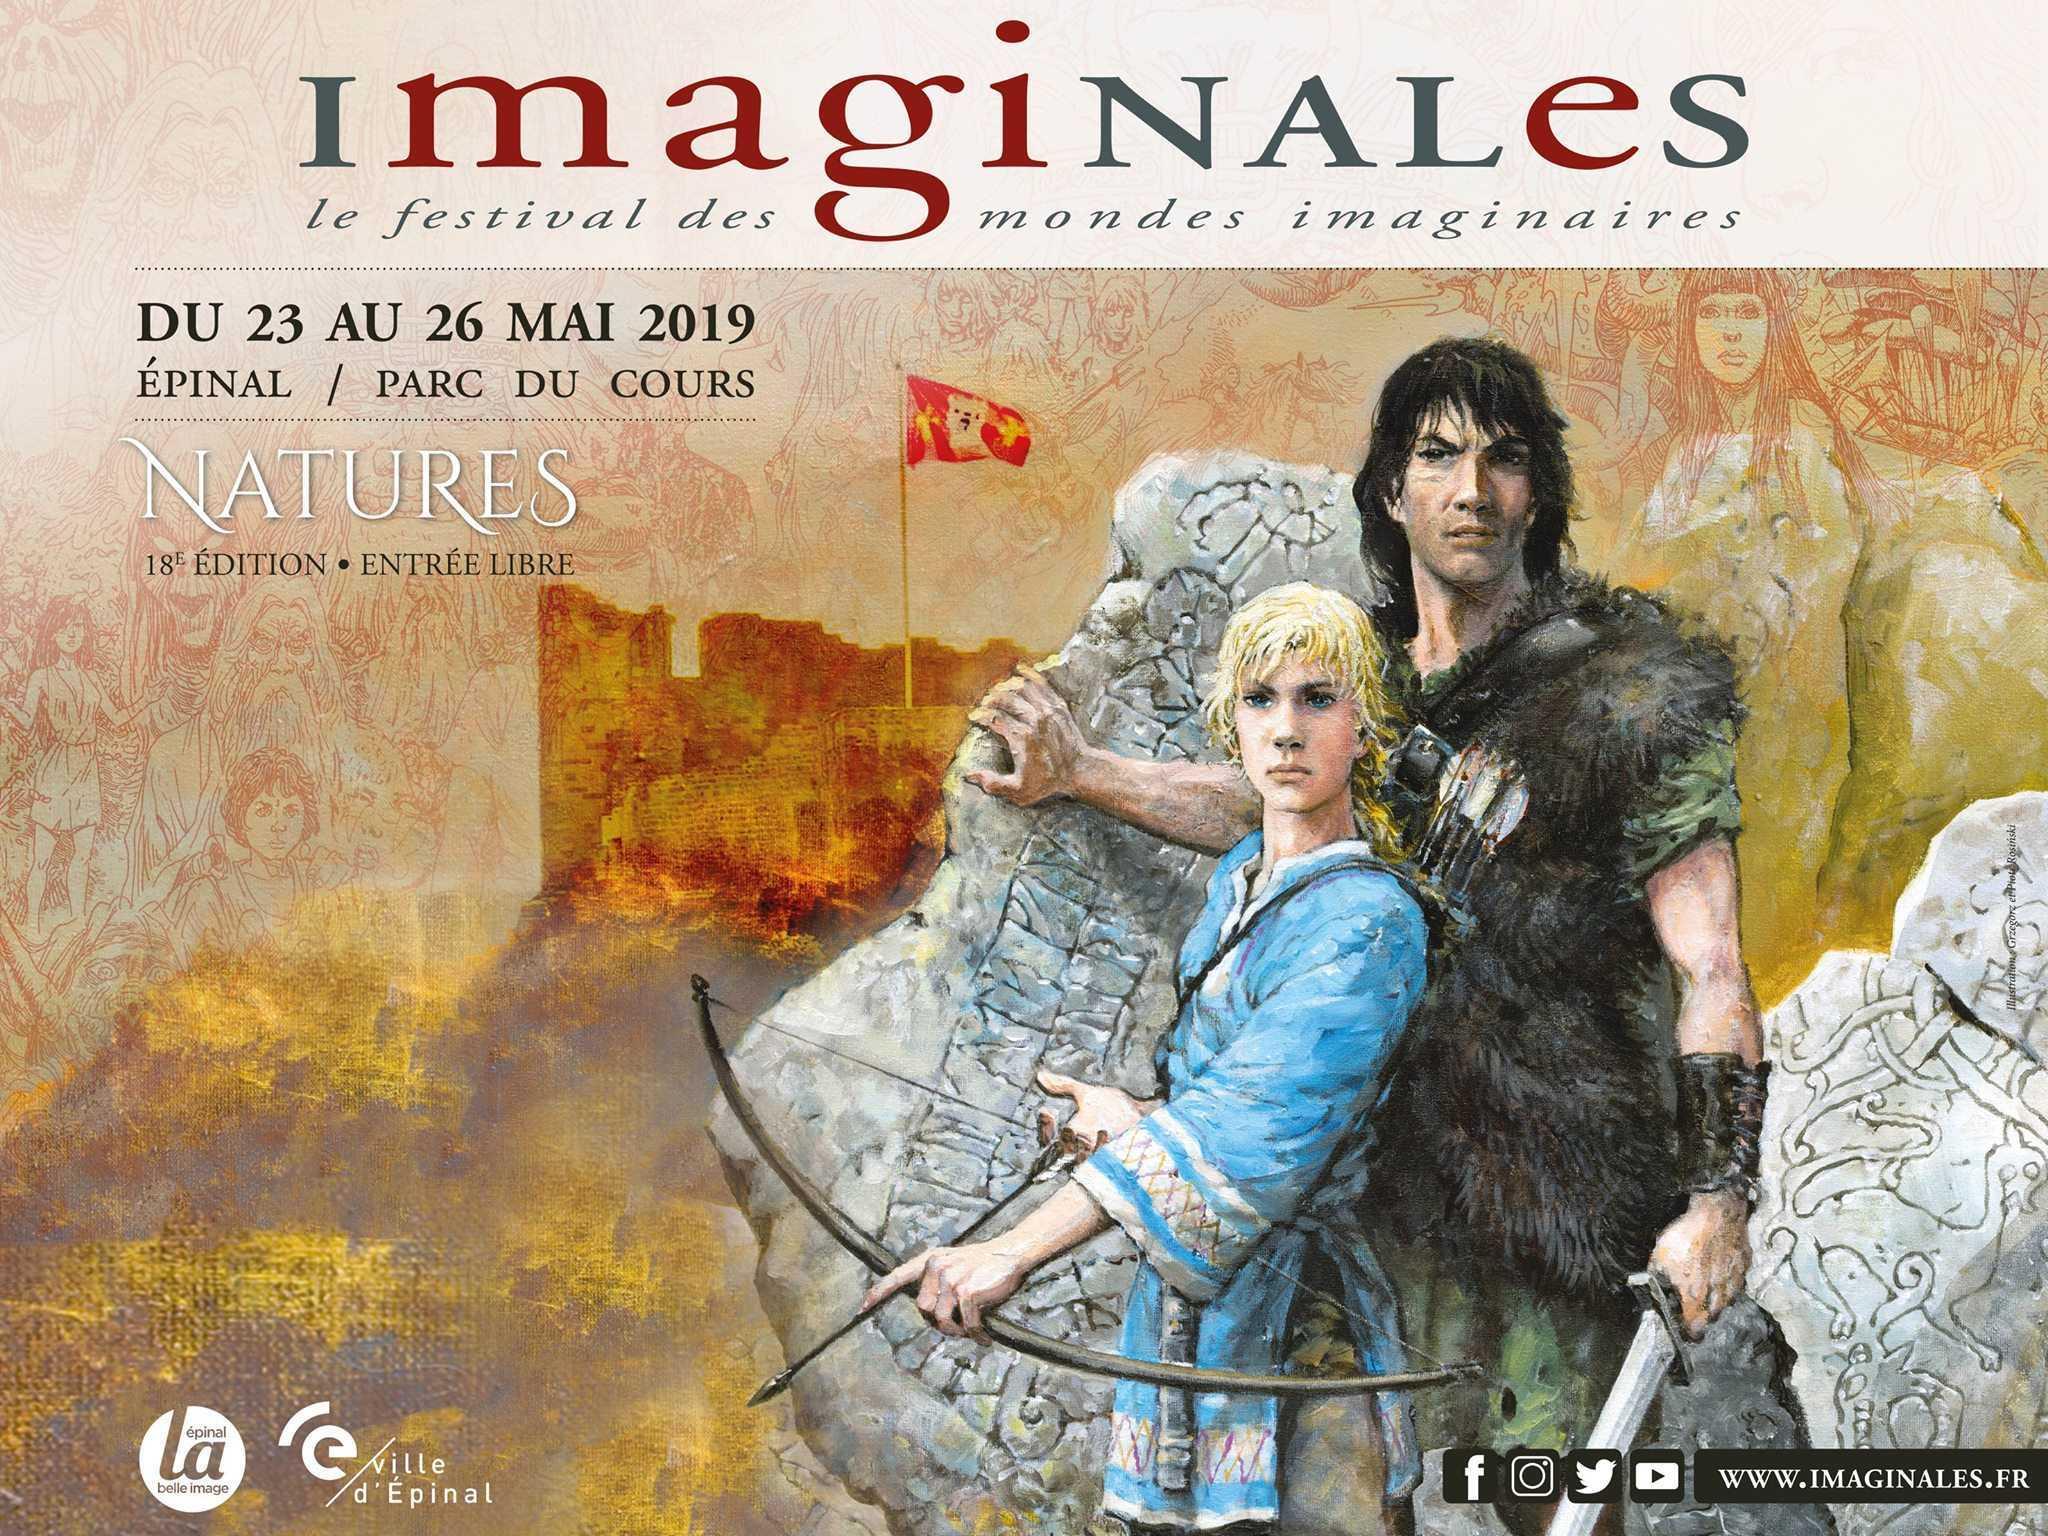 Les Imaginales, festival des mondes imaginaires du 23 au 26 mai 2019 à Épinal